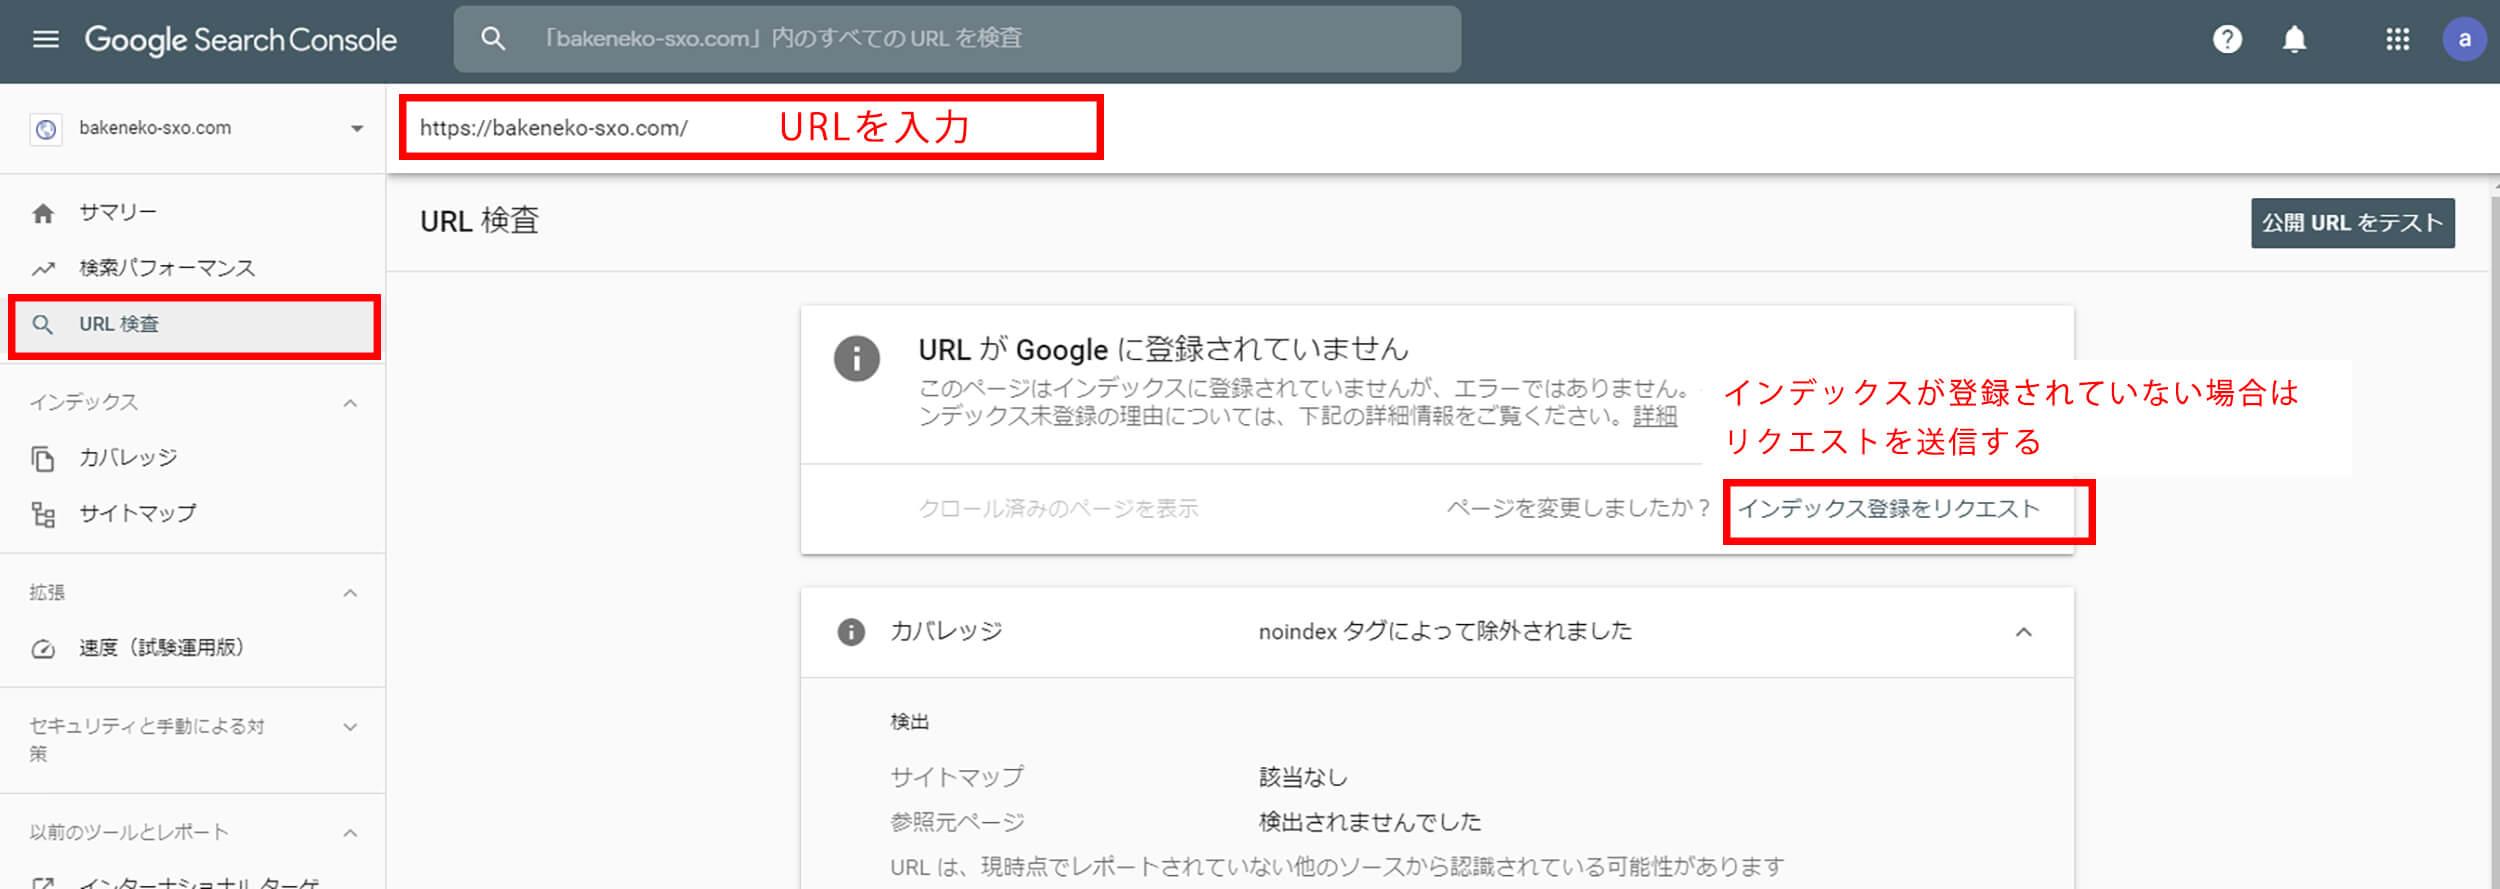 Search Console URL検査